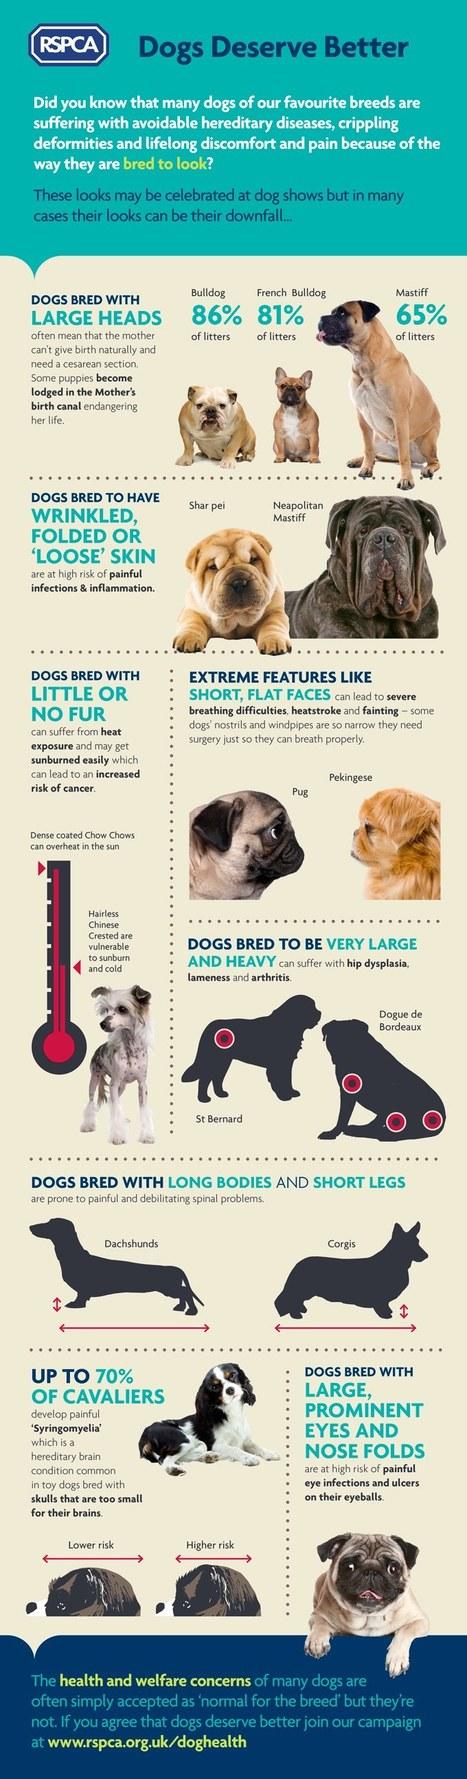 Brachycephale Hunde- Extremzuchten -Bewußtsein wecken | ʕ·͡ᴥ·ʔ Welpenkauf Informationen | Scoop.it